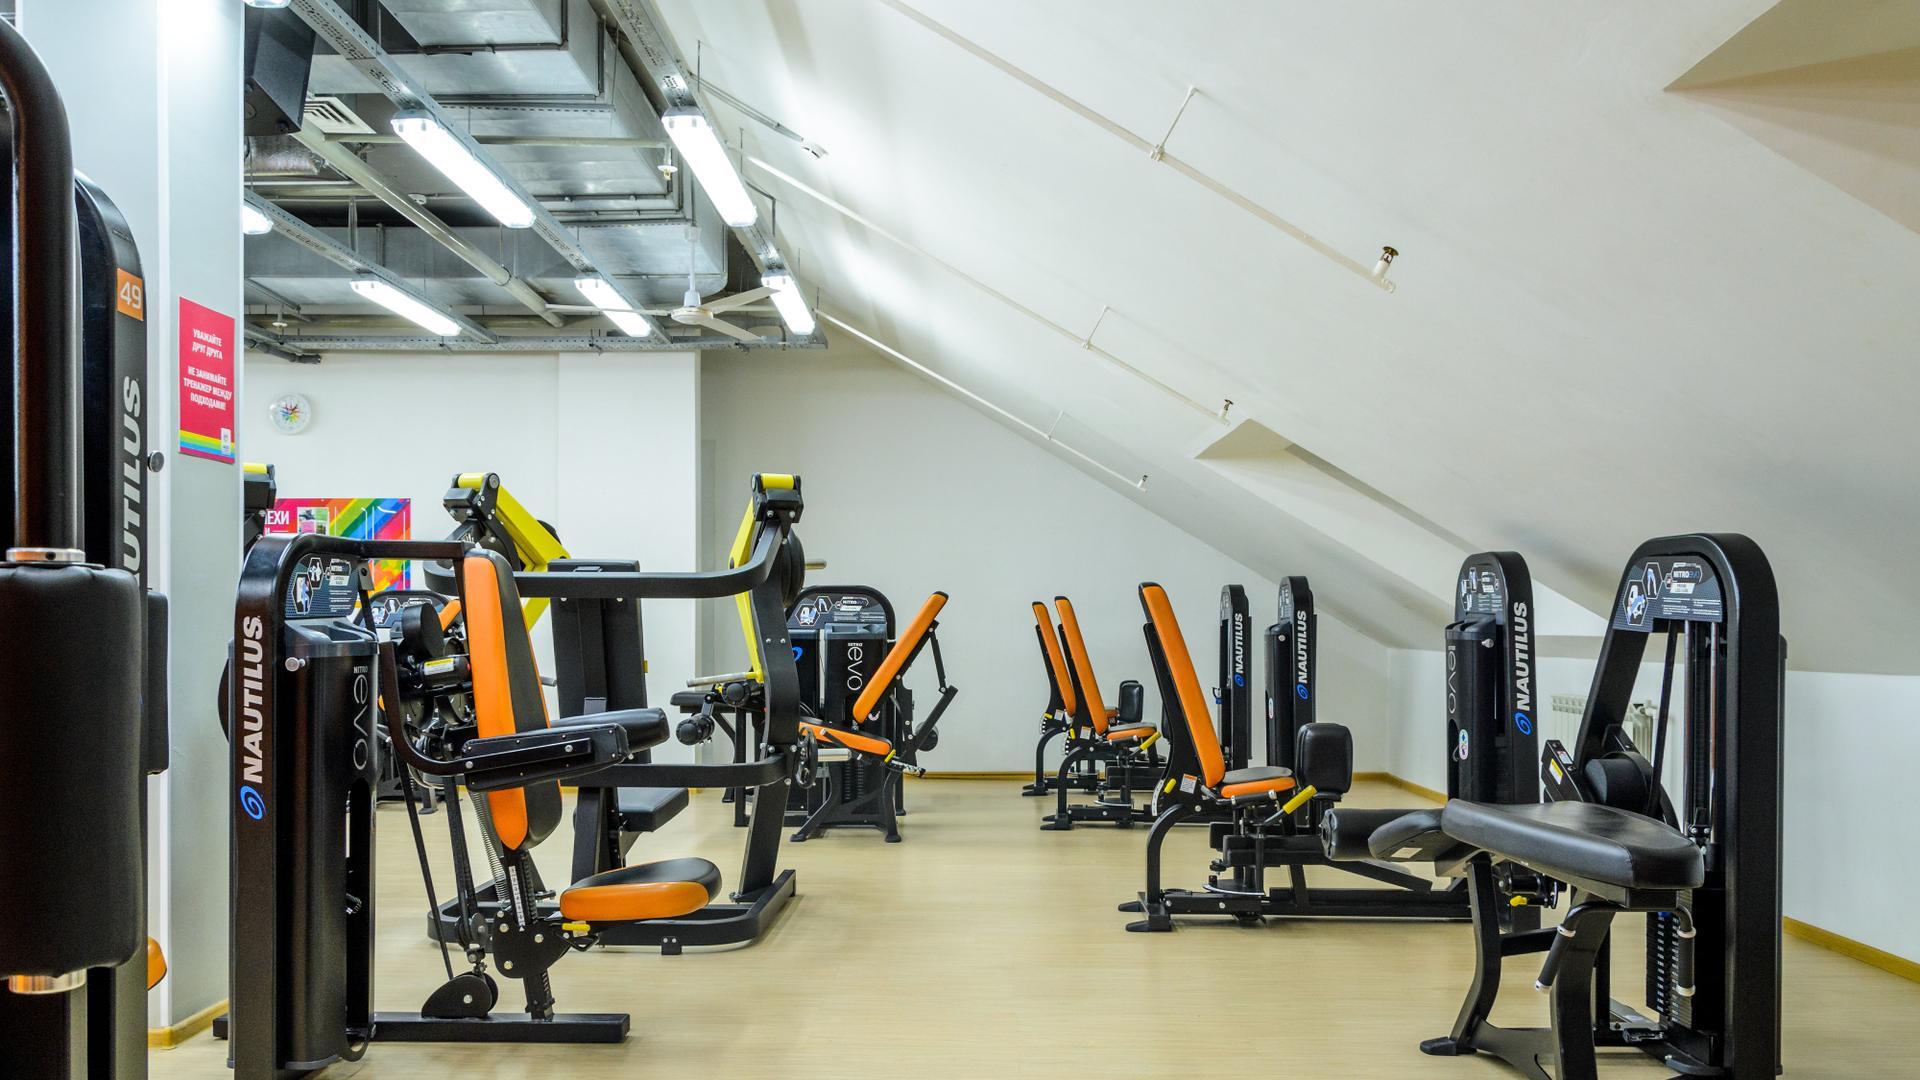 Помимо зон для тренировок, на территории фитнес клубов gold's fitness расположены просторные аквазоны, хамам, джакузи, фитнес-бары, комфортабельные зоны отдыха и многое другое.